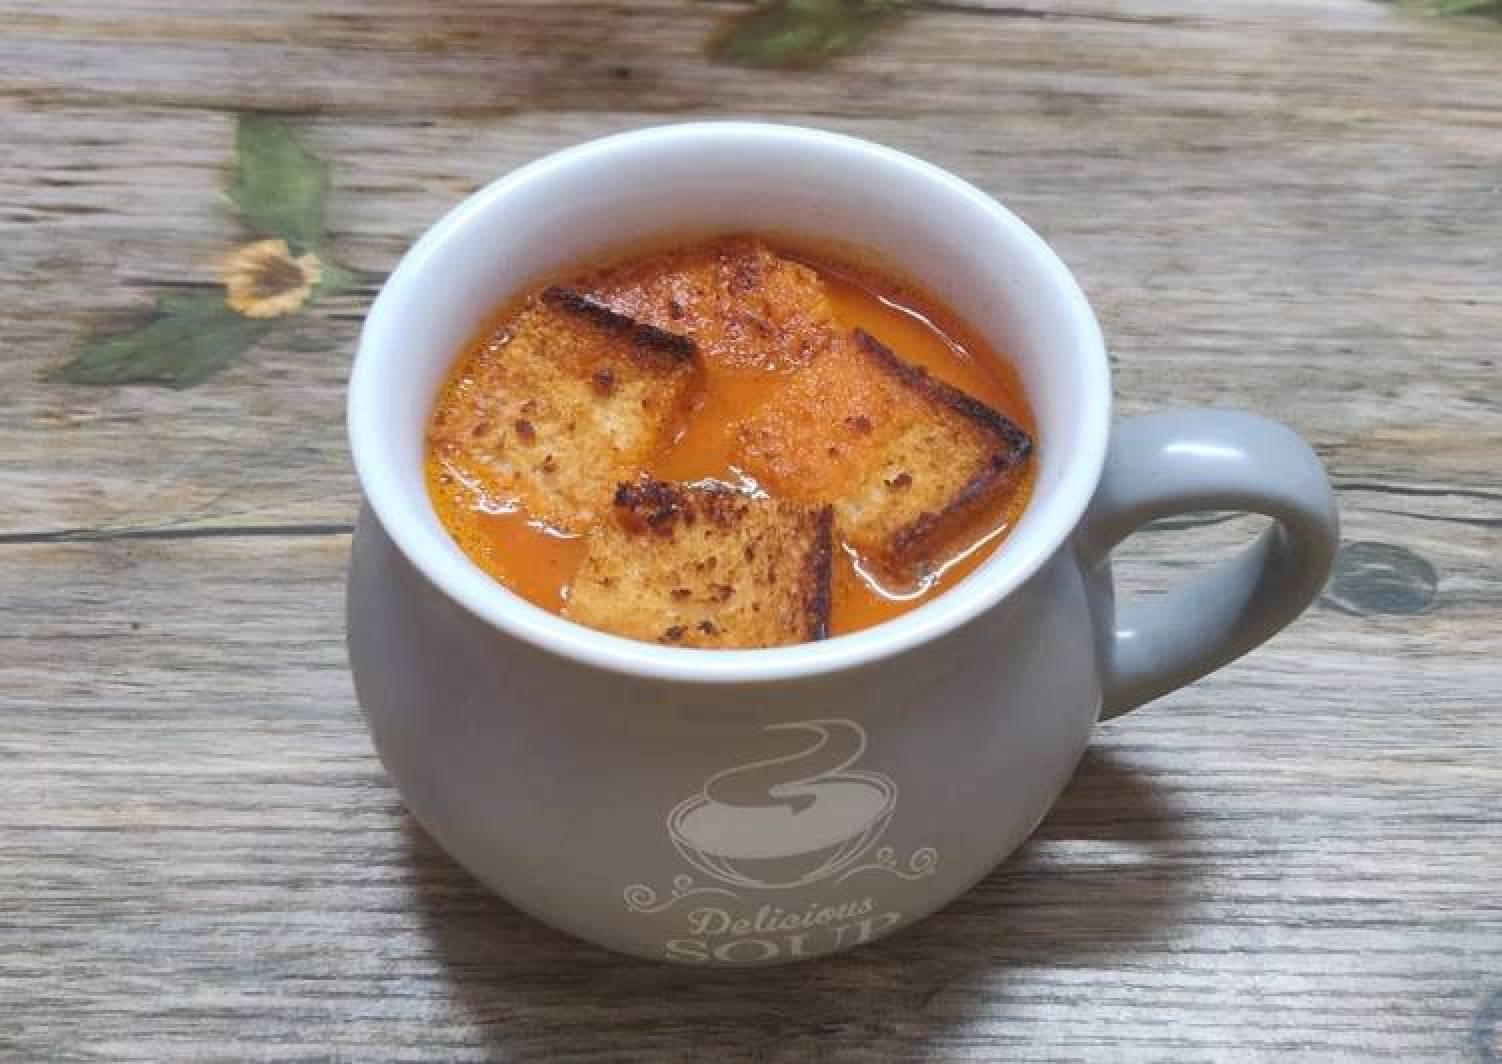 Tomato Soup Recipe | How to make Tomato Soup